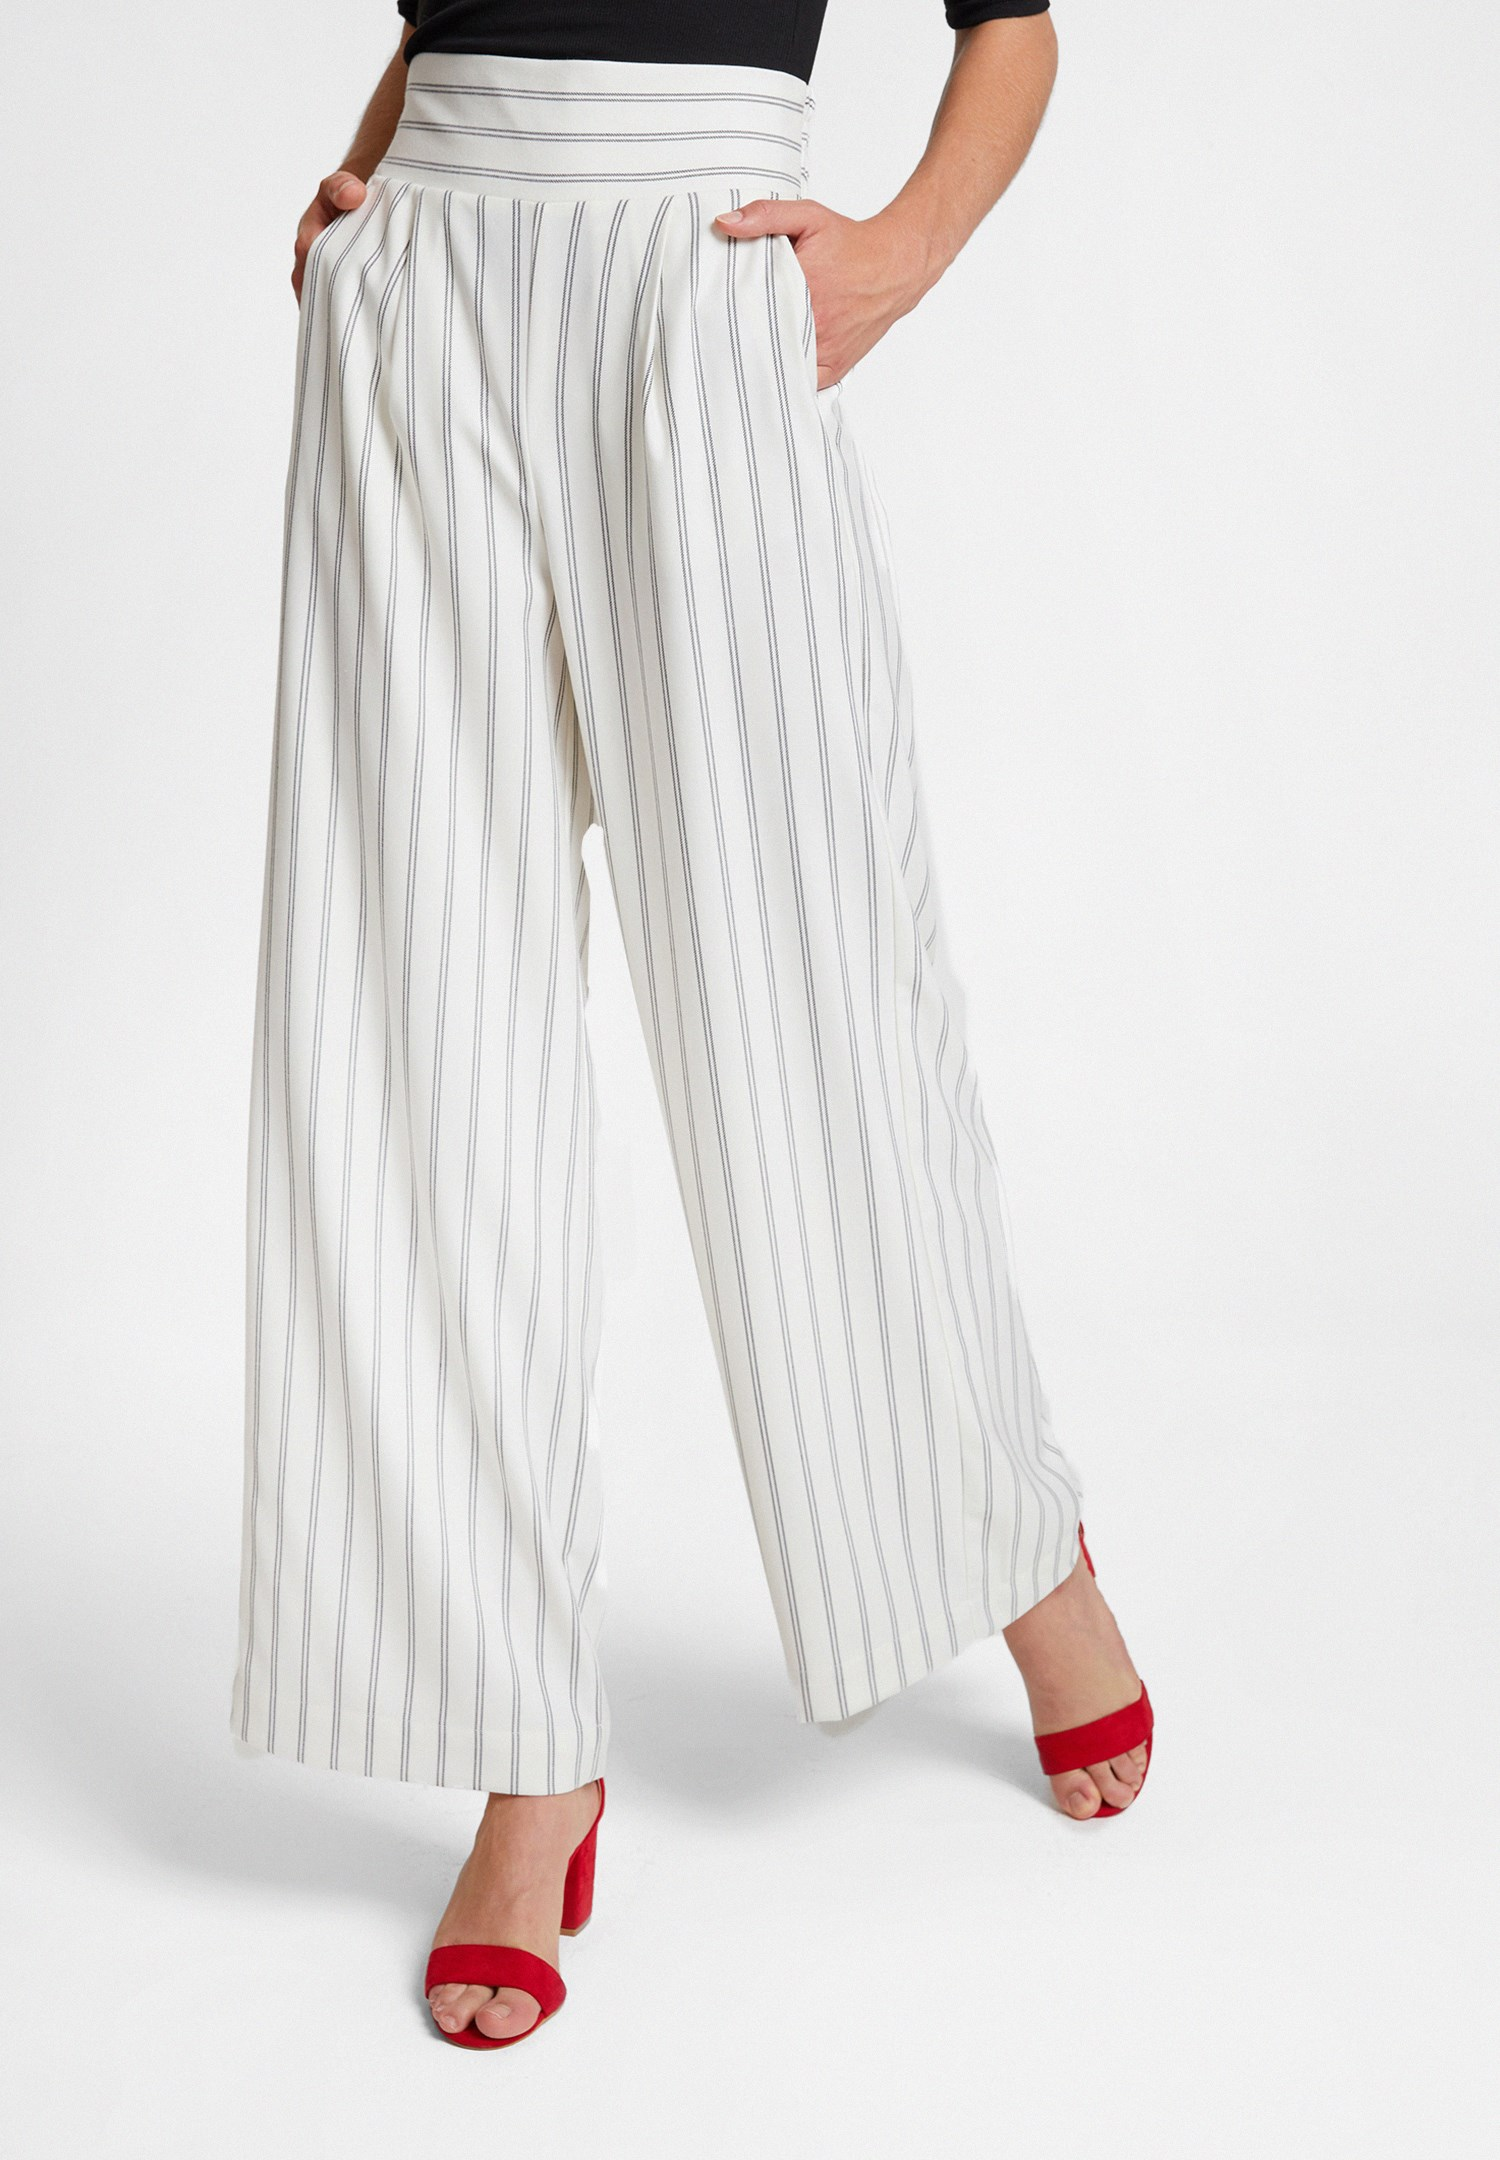 Bayan Çok Renkli Çizgi Desen Detaylı Bol Pantolon